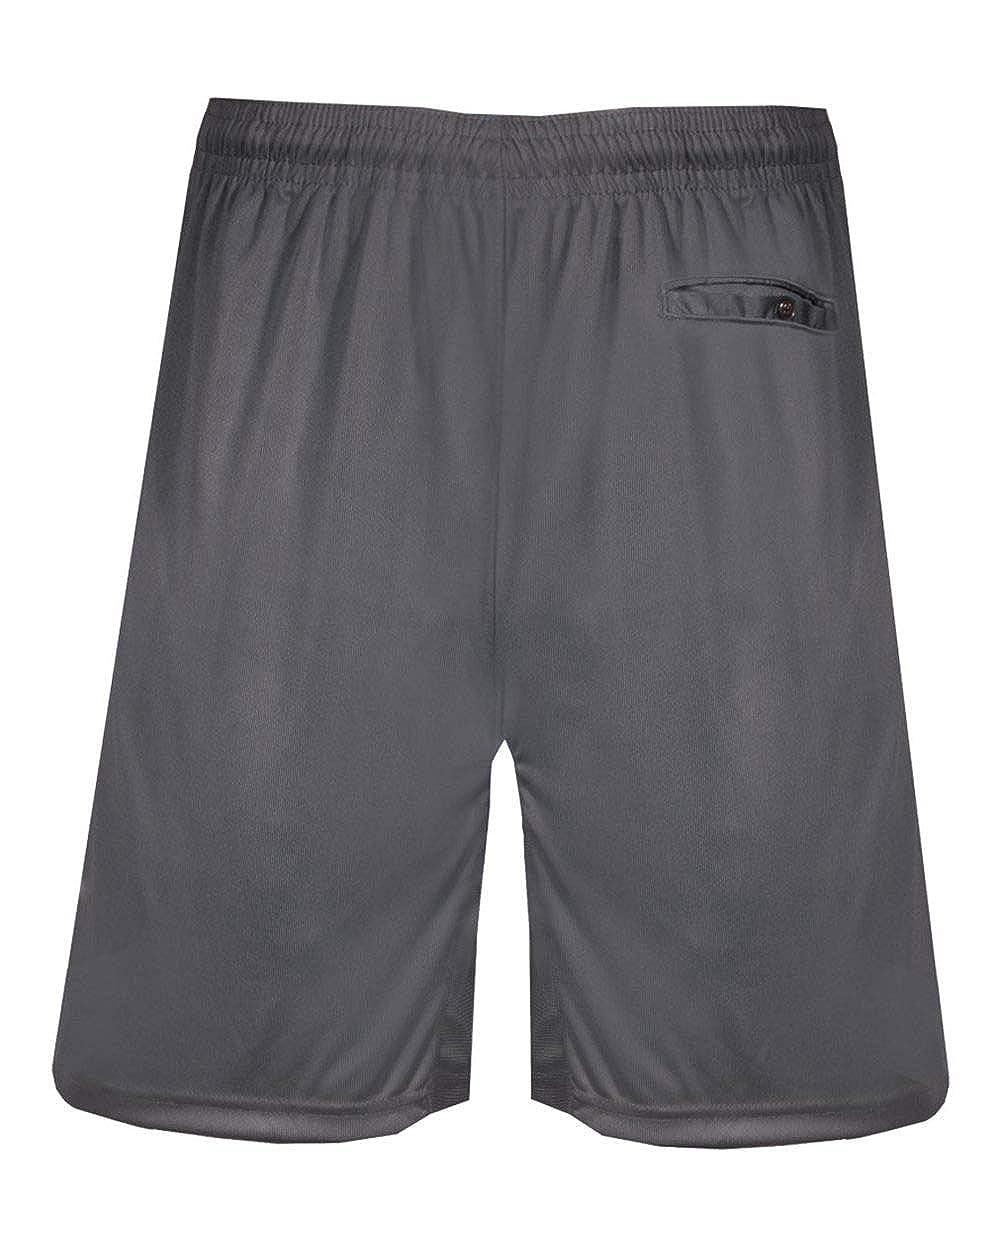 Badger 4110 BT5 9 Inseam Trainer Shorts